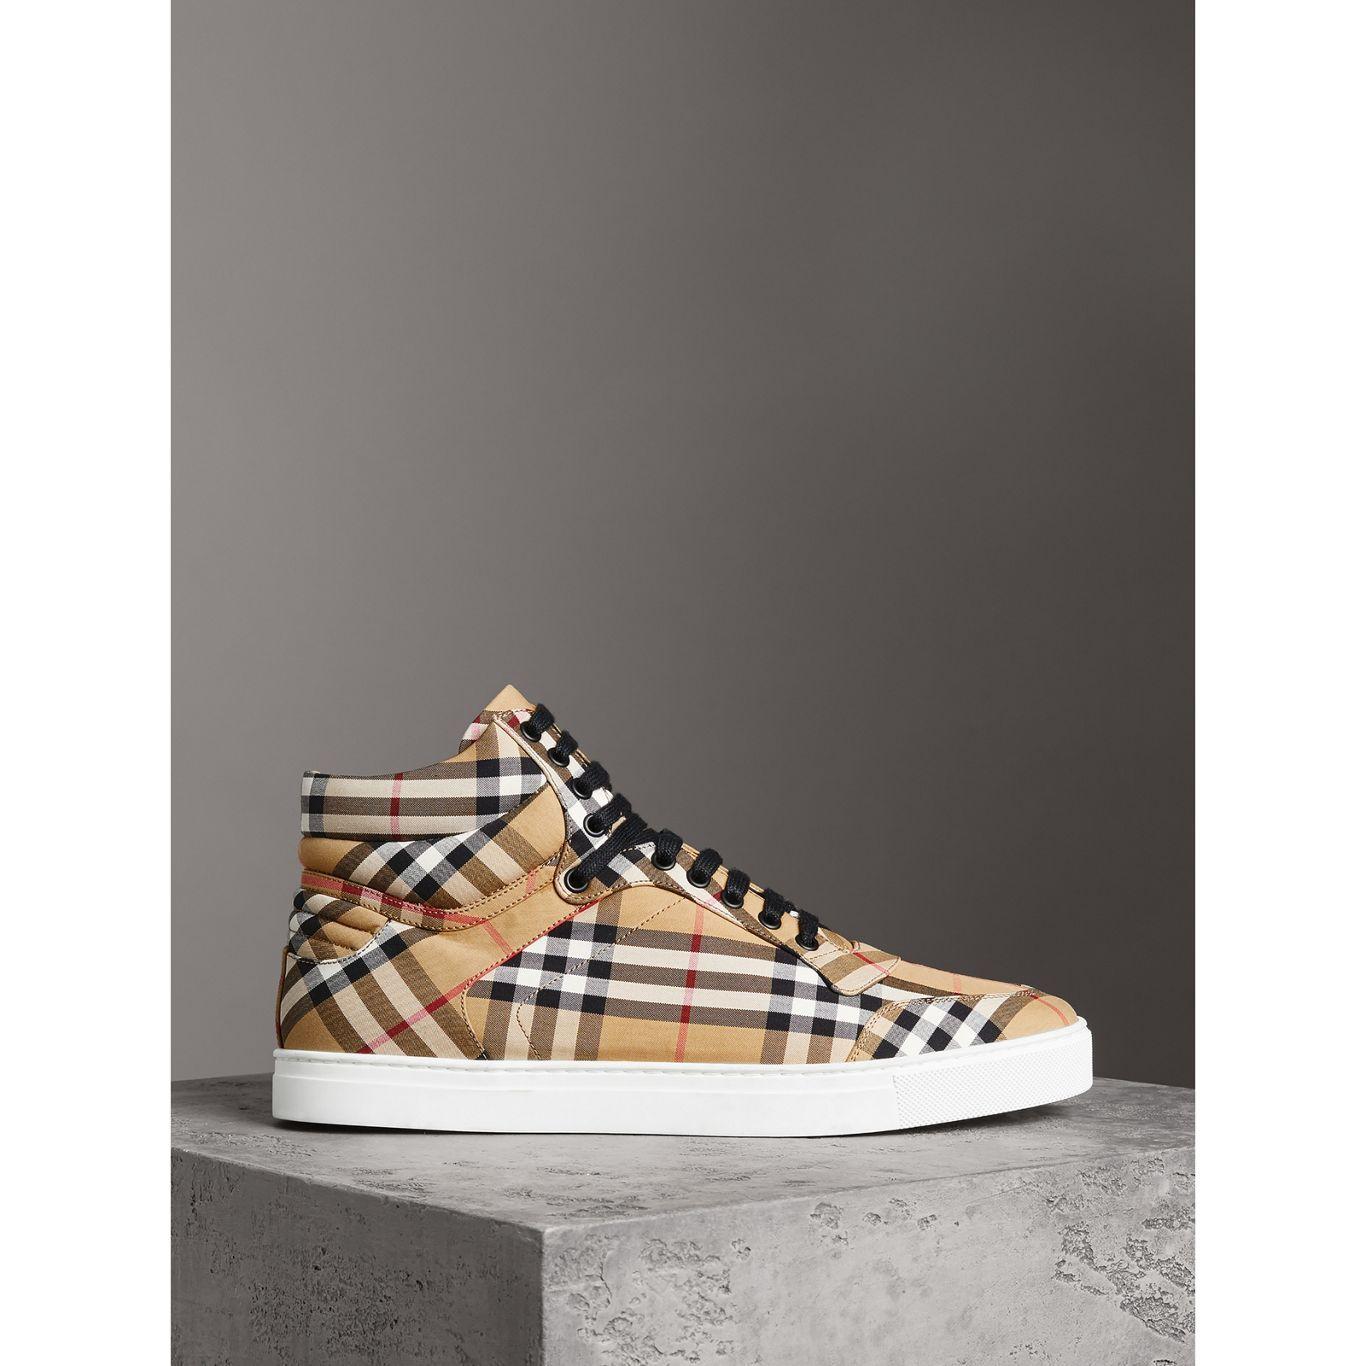 limpide en vue choisissez le dégagement haute couture Sneakers pour homme | Burberry | Le soulier | Motif vintage ...